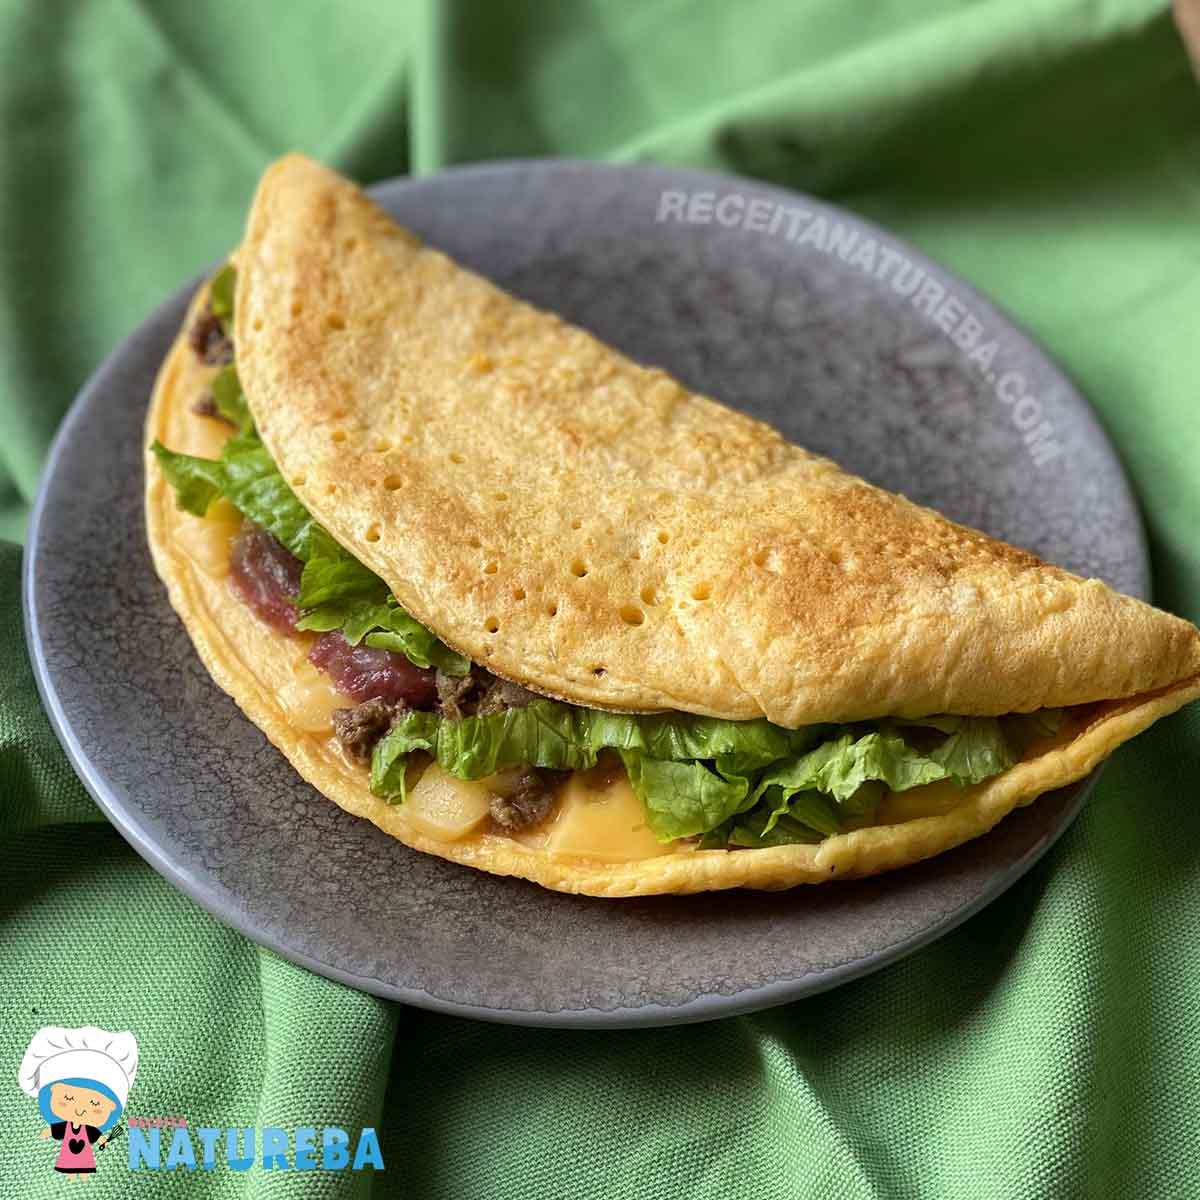 crepioa-fit-com-recheio-de-salada Crepioca